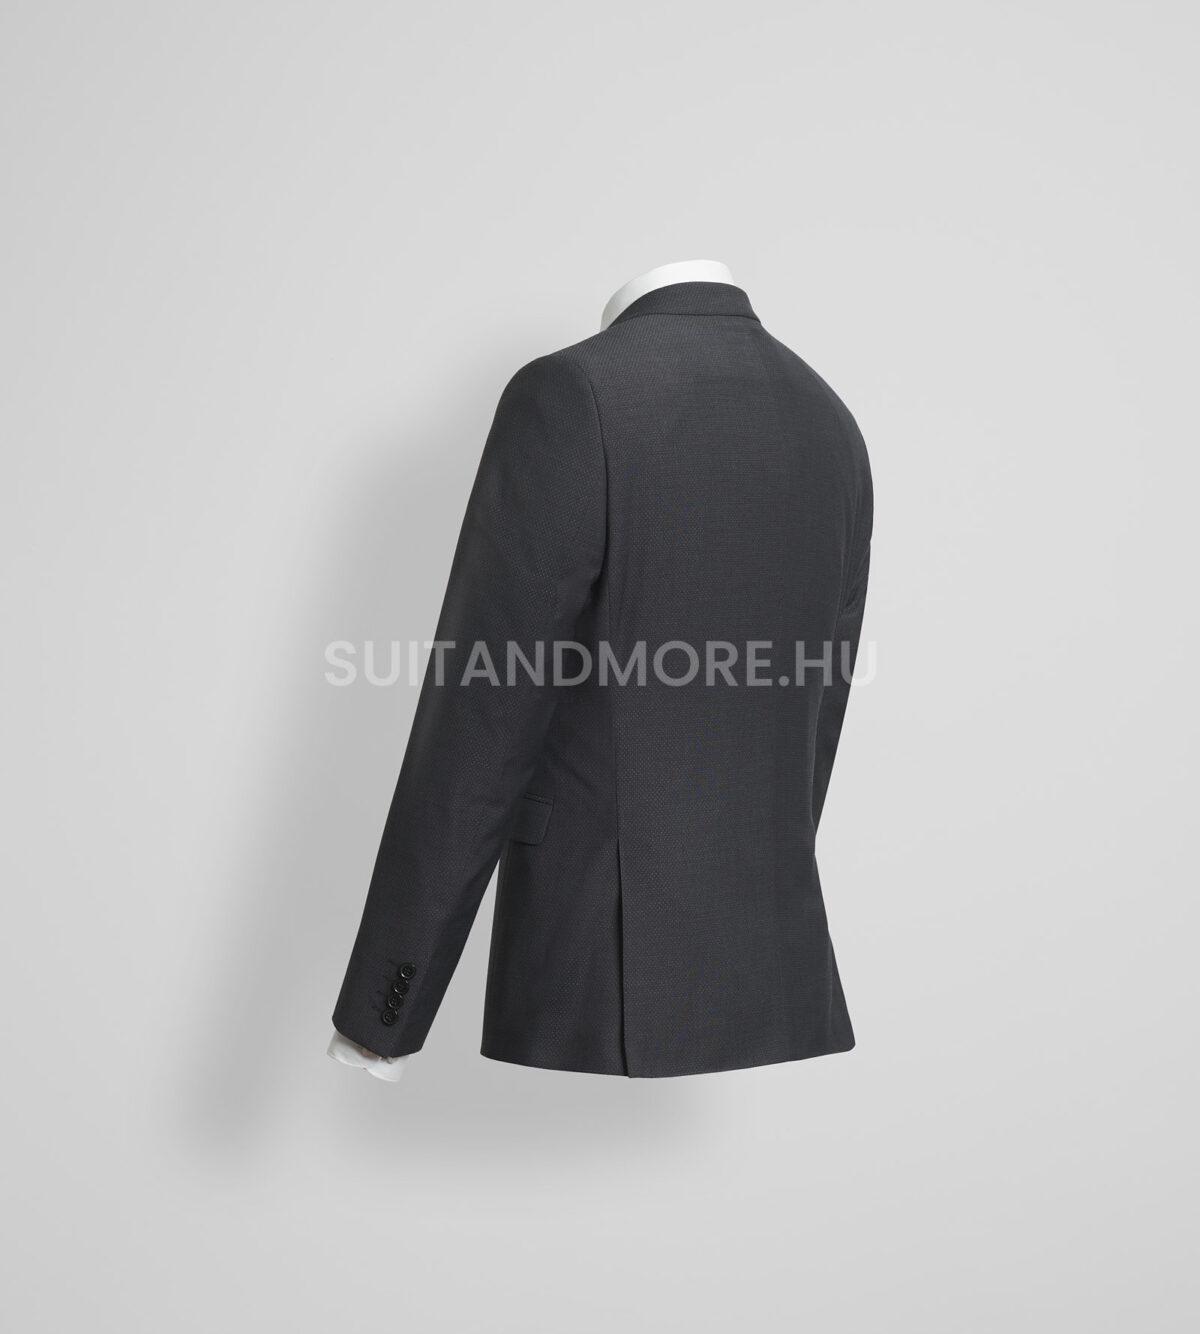 DIGEL-Move-szürke-extra-slim-fit-tűpettyes-öltöny-NANNO-NATE-NICOLO-99714-42-03